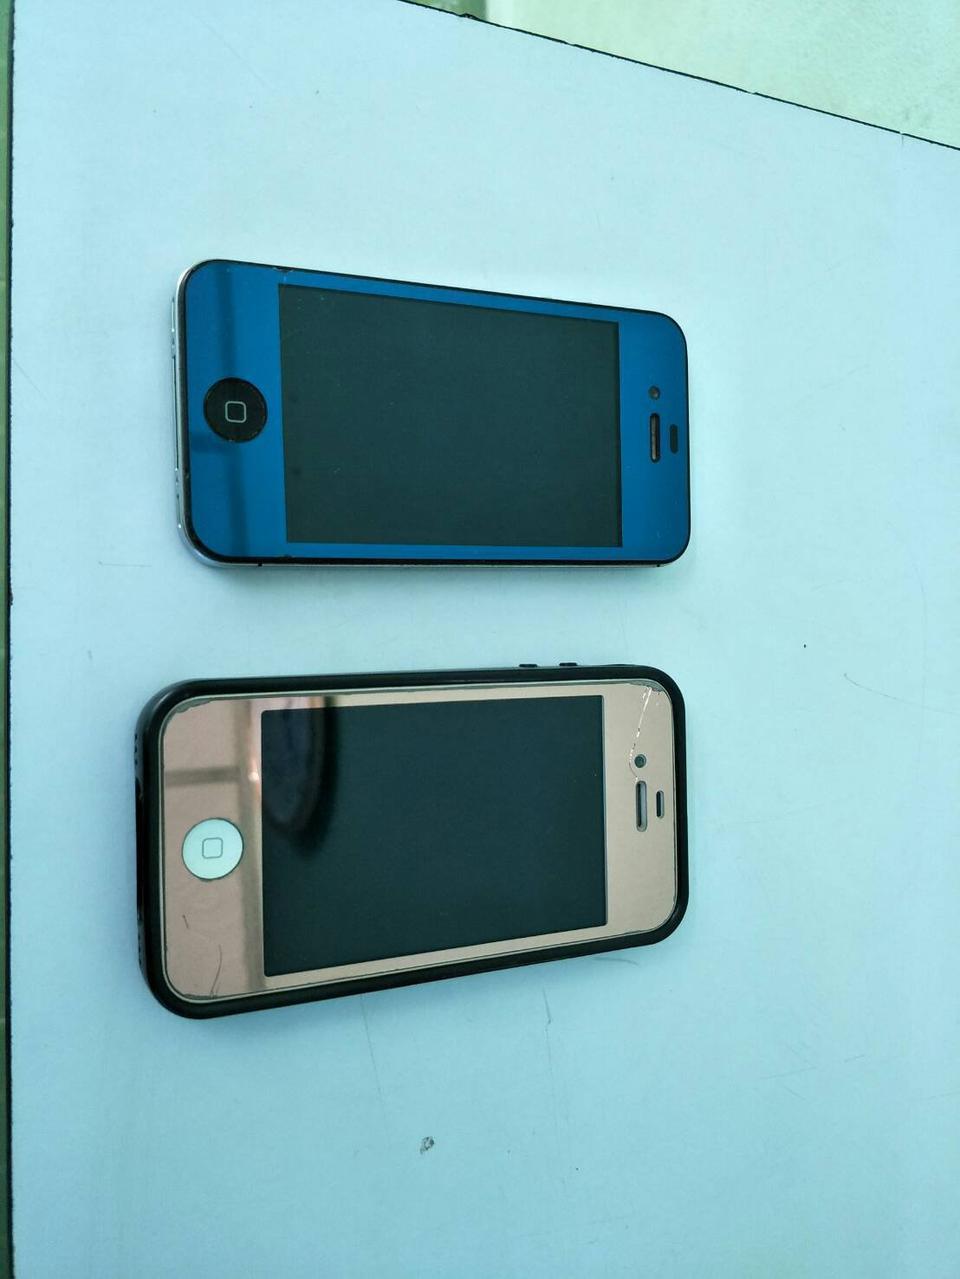 ขาย iphone 4s  2 เครื่อง รูปที่ 2